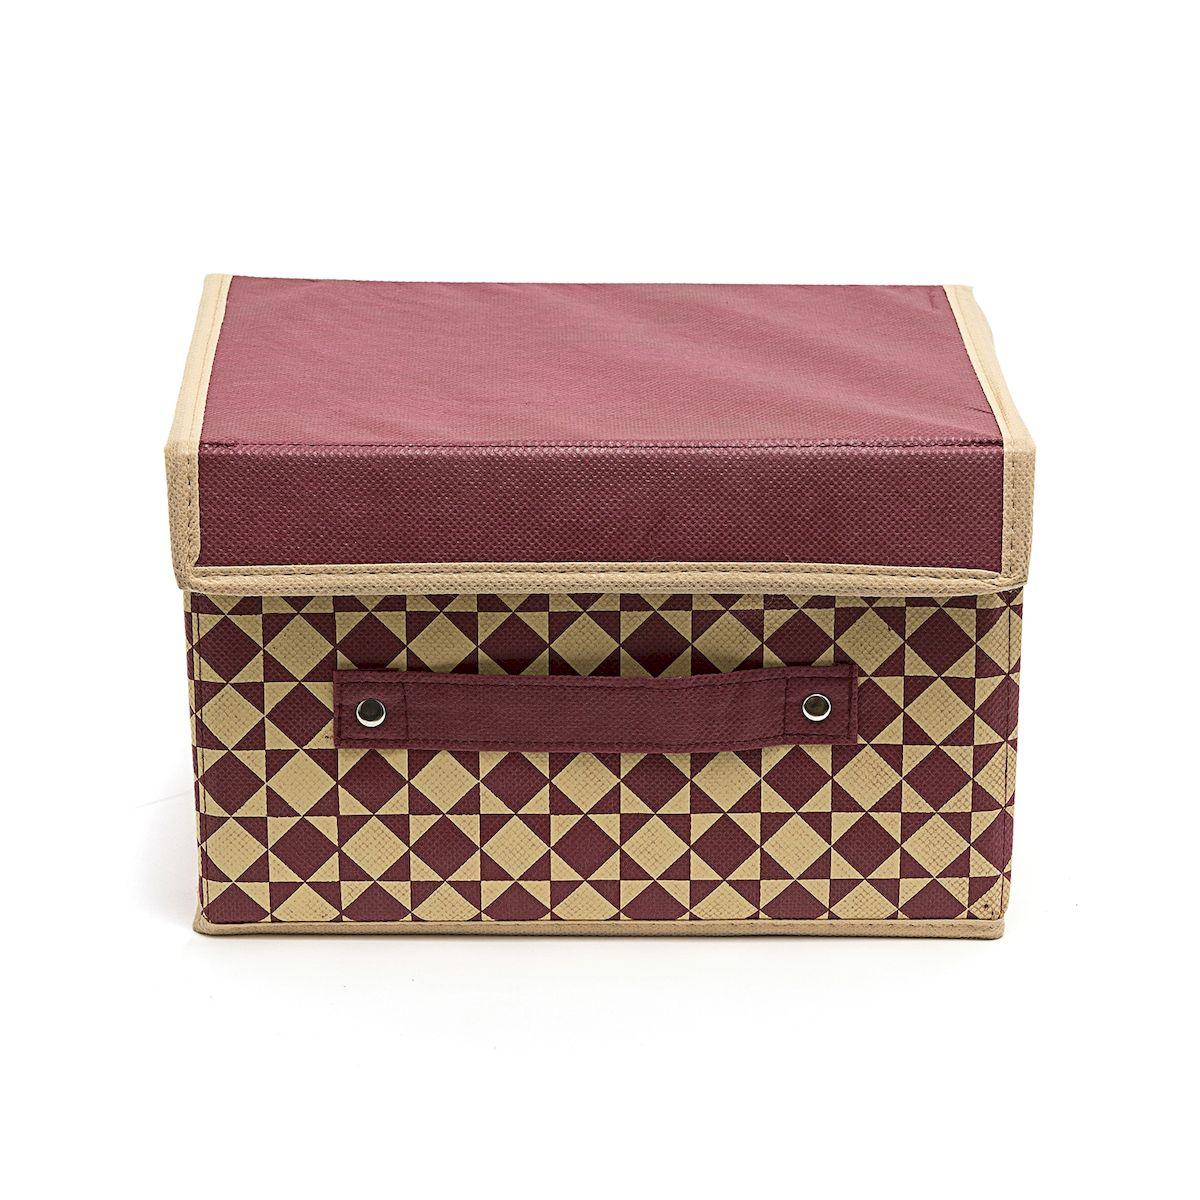 Коробка для хранения Homsu Bordo, 19 х 25 х 16 см16050Вместительная коробка для хранения Homsu Bordo выполнена из плотного картона. Изделие обладает удобным размером и привлекательным дизайном, выполненным в приятной цветовой гамме. Внутри коробки можно хранить фотографии, ткани, принадлежности для хобби, памятные сувениры и многое другое. Крышка изделия удобно открывается и закрывается.Коробка для хранения Homsu Bordo станет незаменимой помощницей в путешествиях.